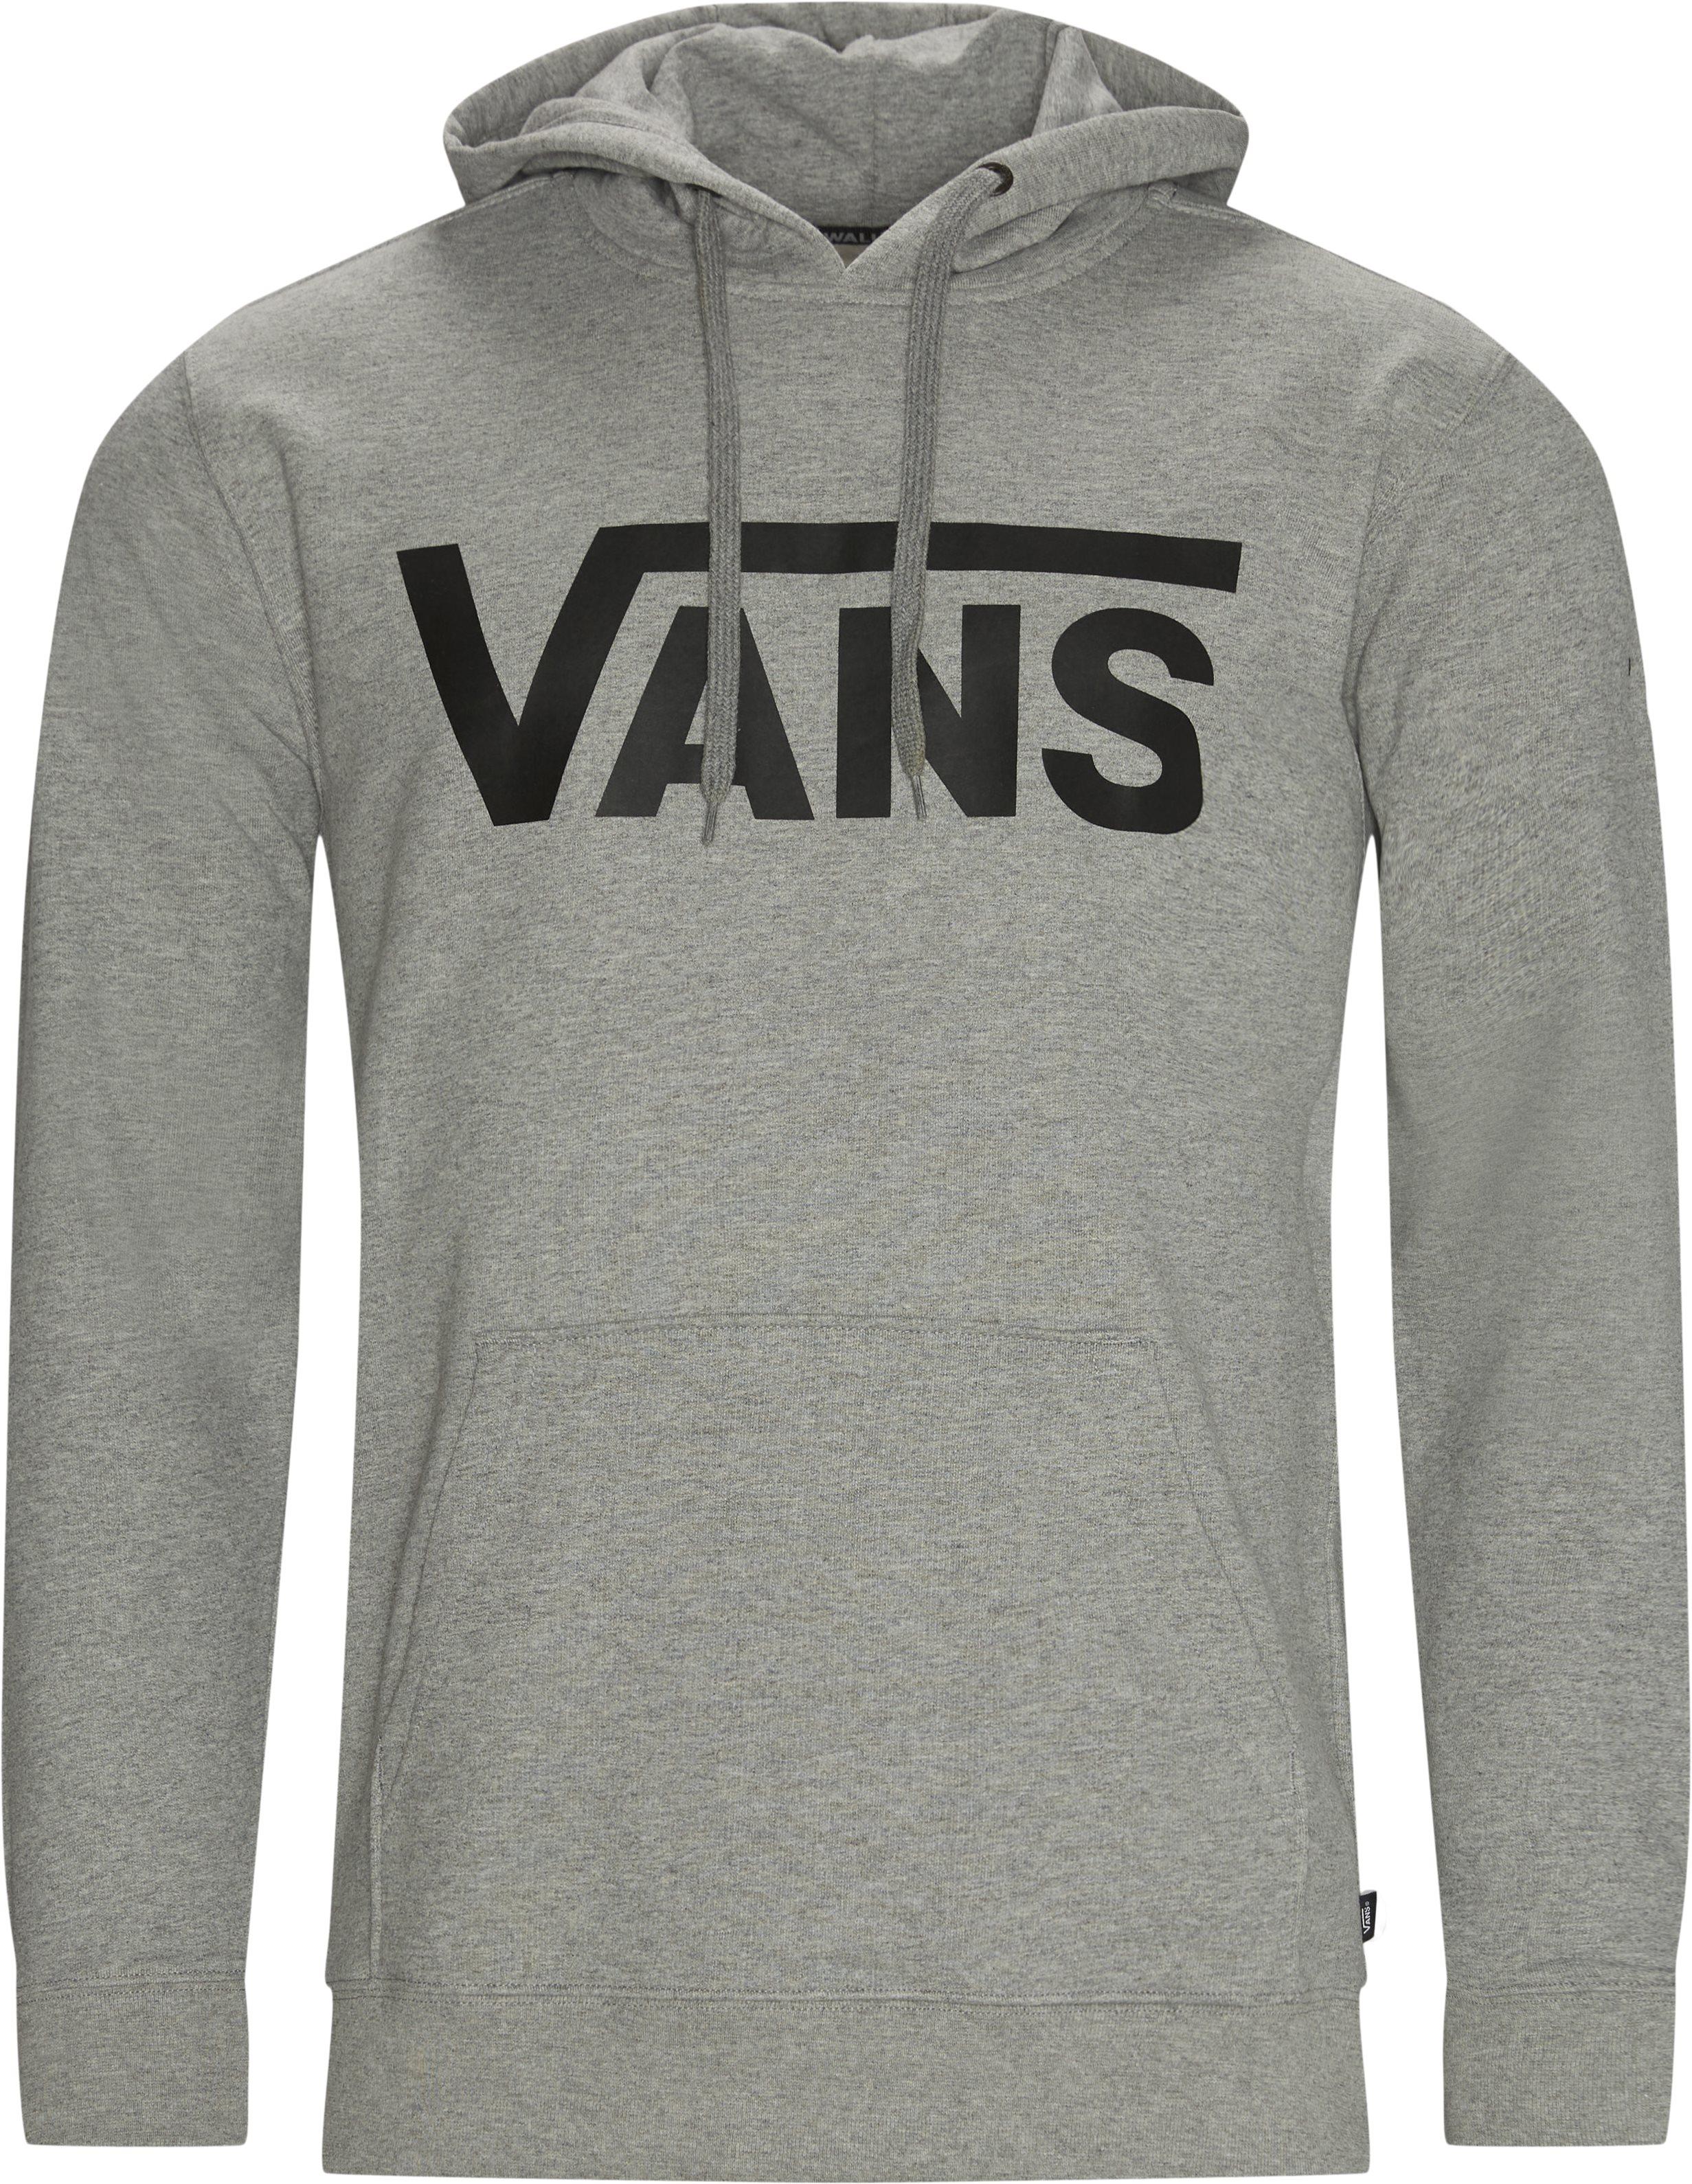 Vans Classic Po Hoodie - Sweatshirts - Regular fit - Grå